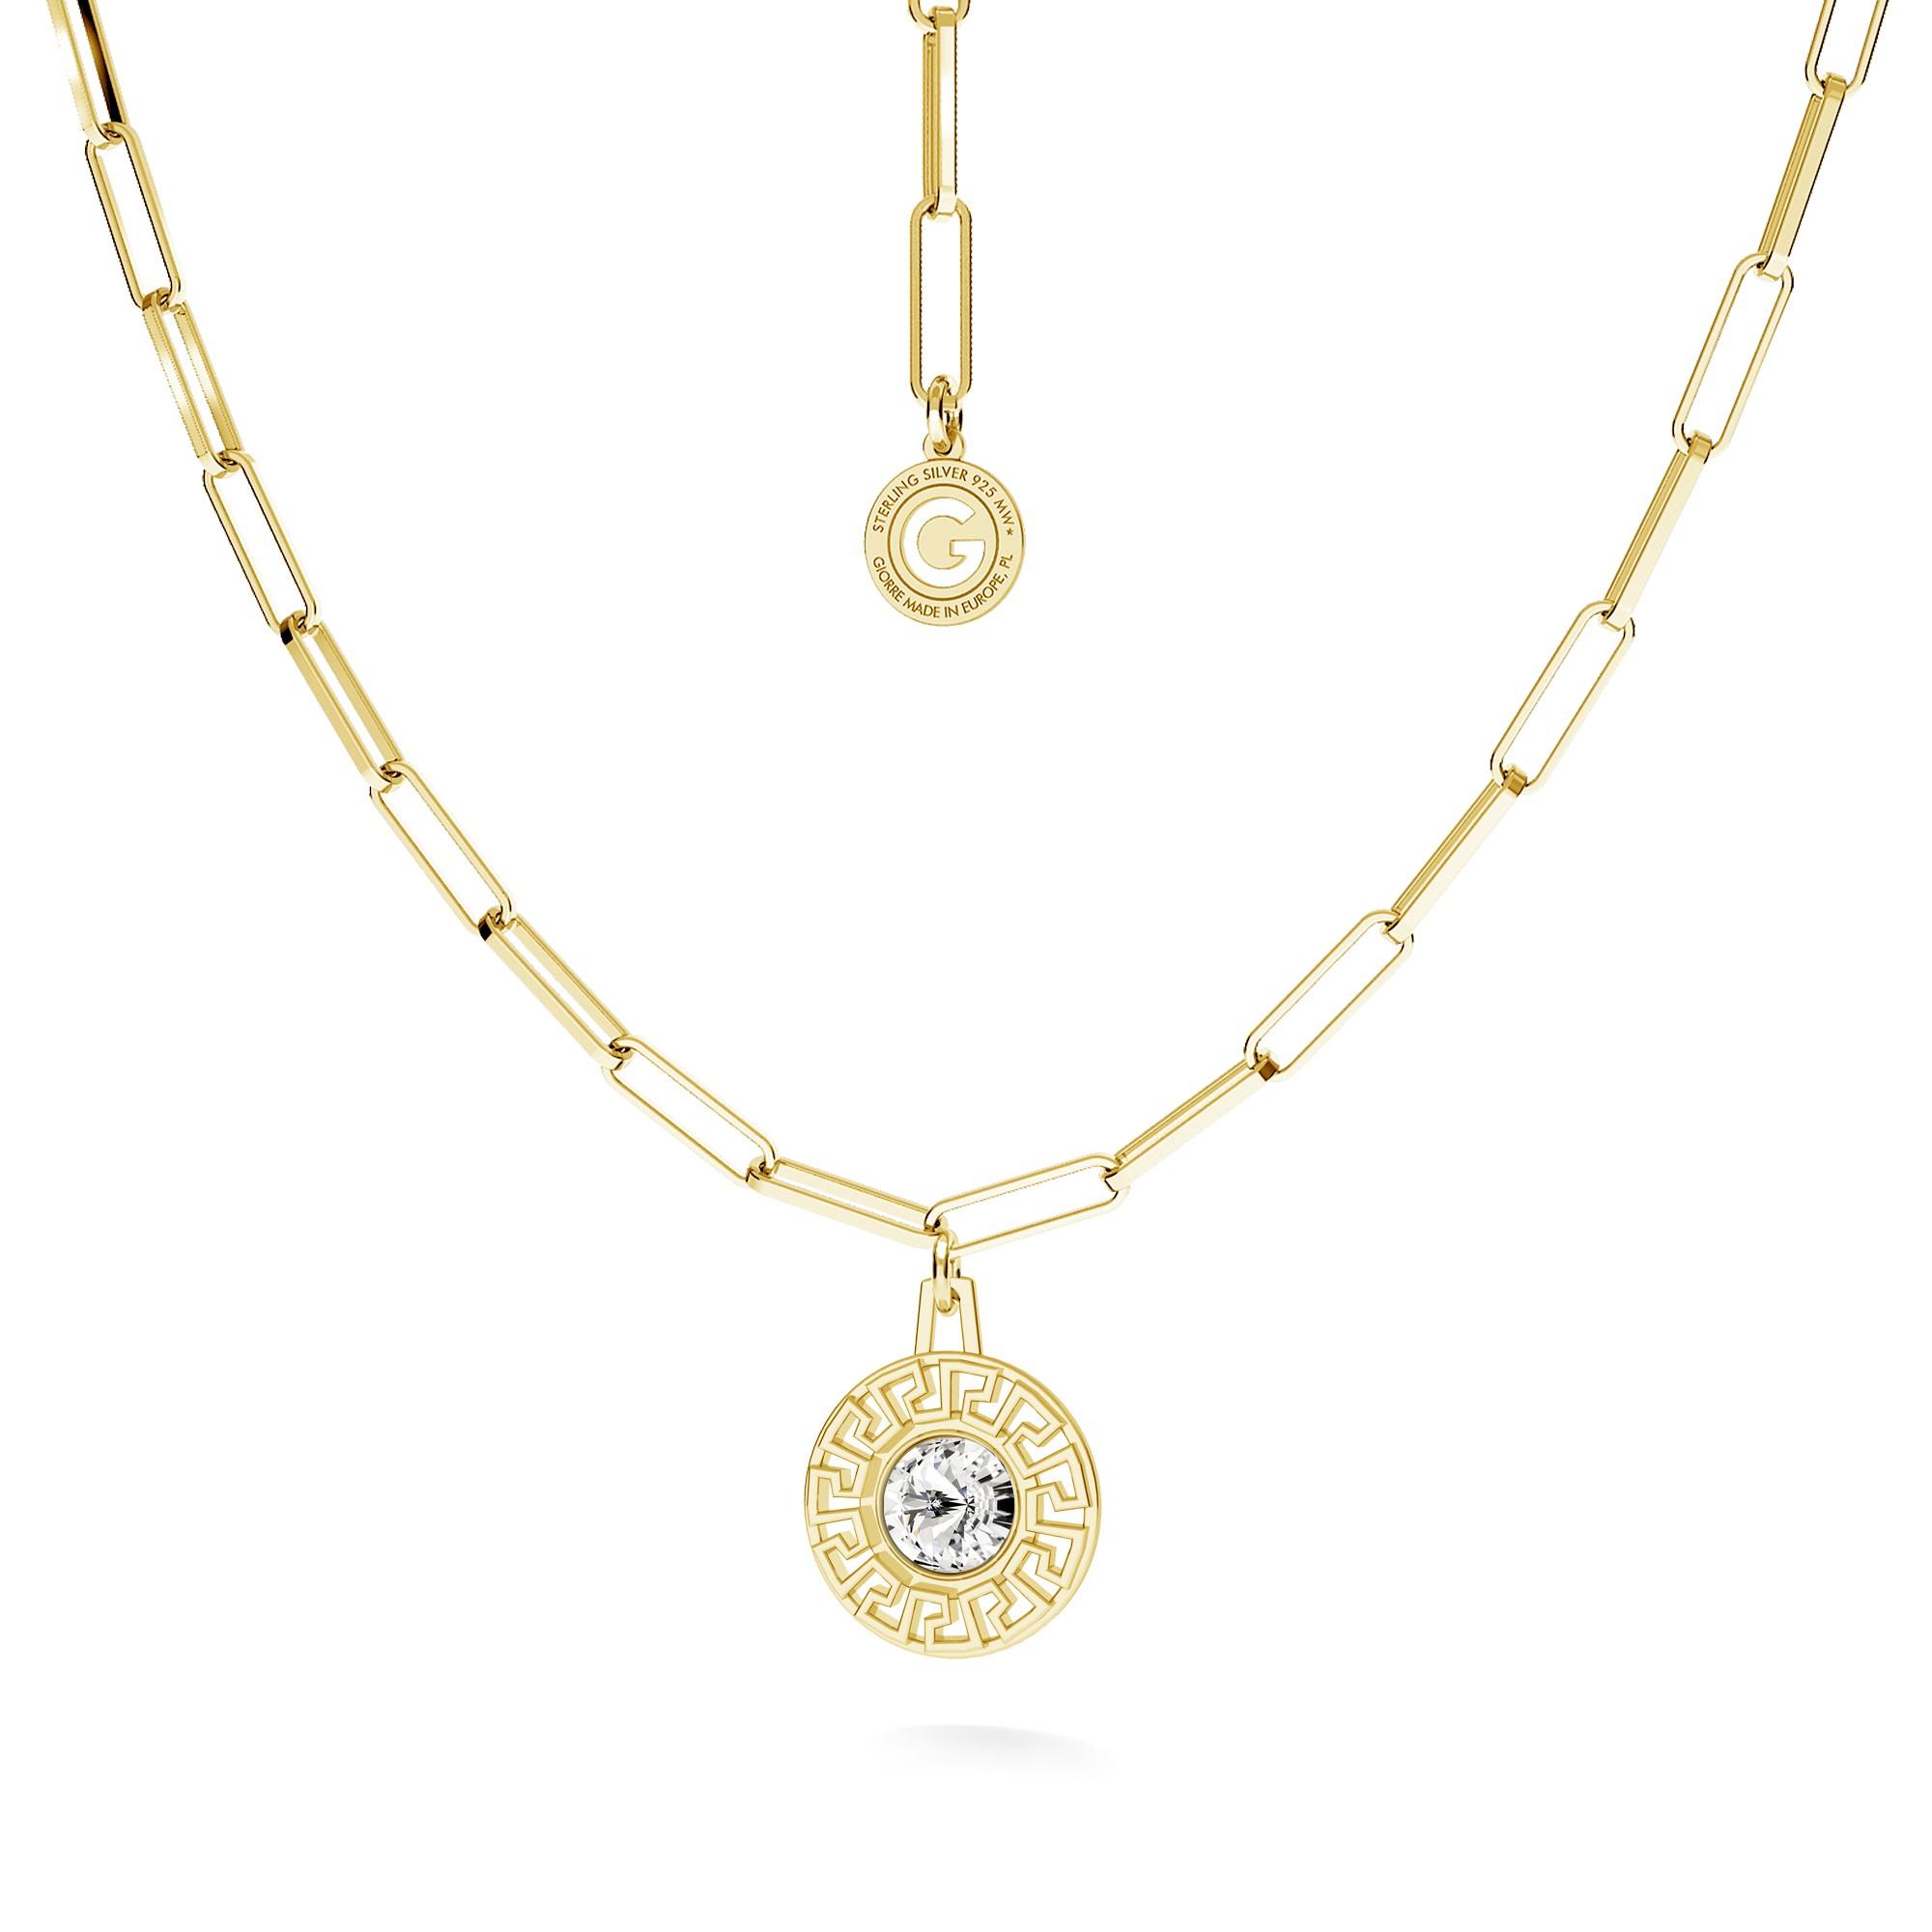 Flamingo necklace silver 925